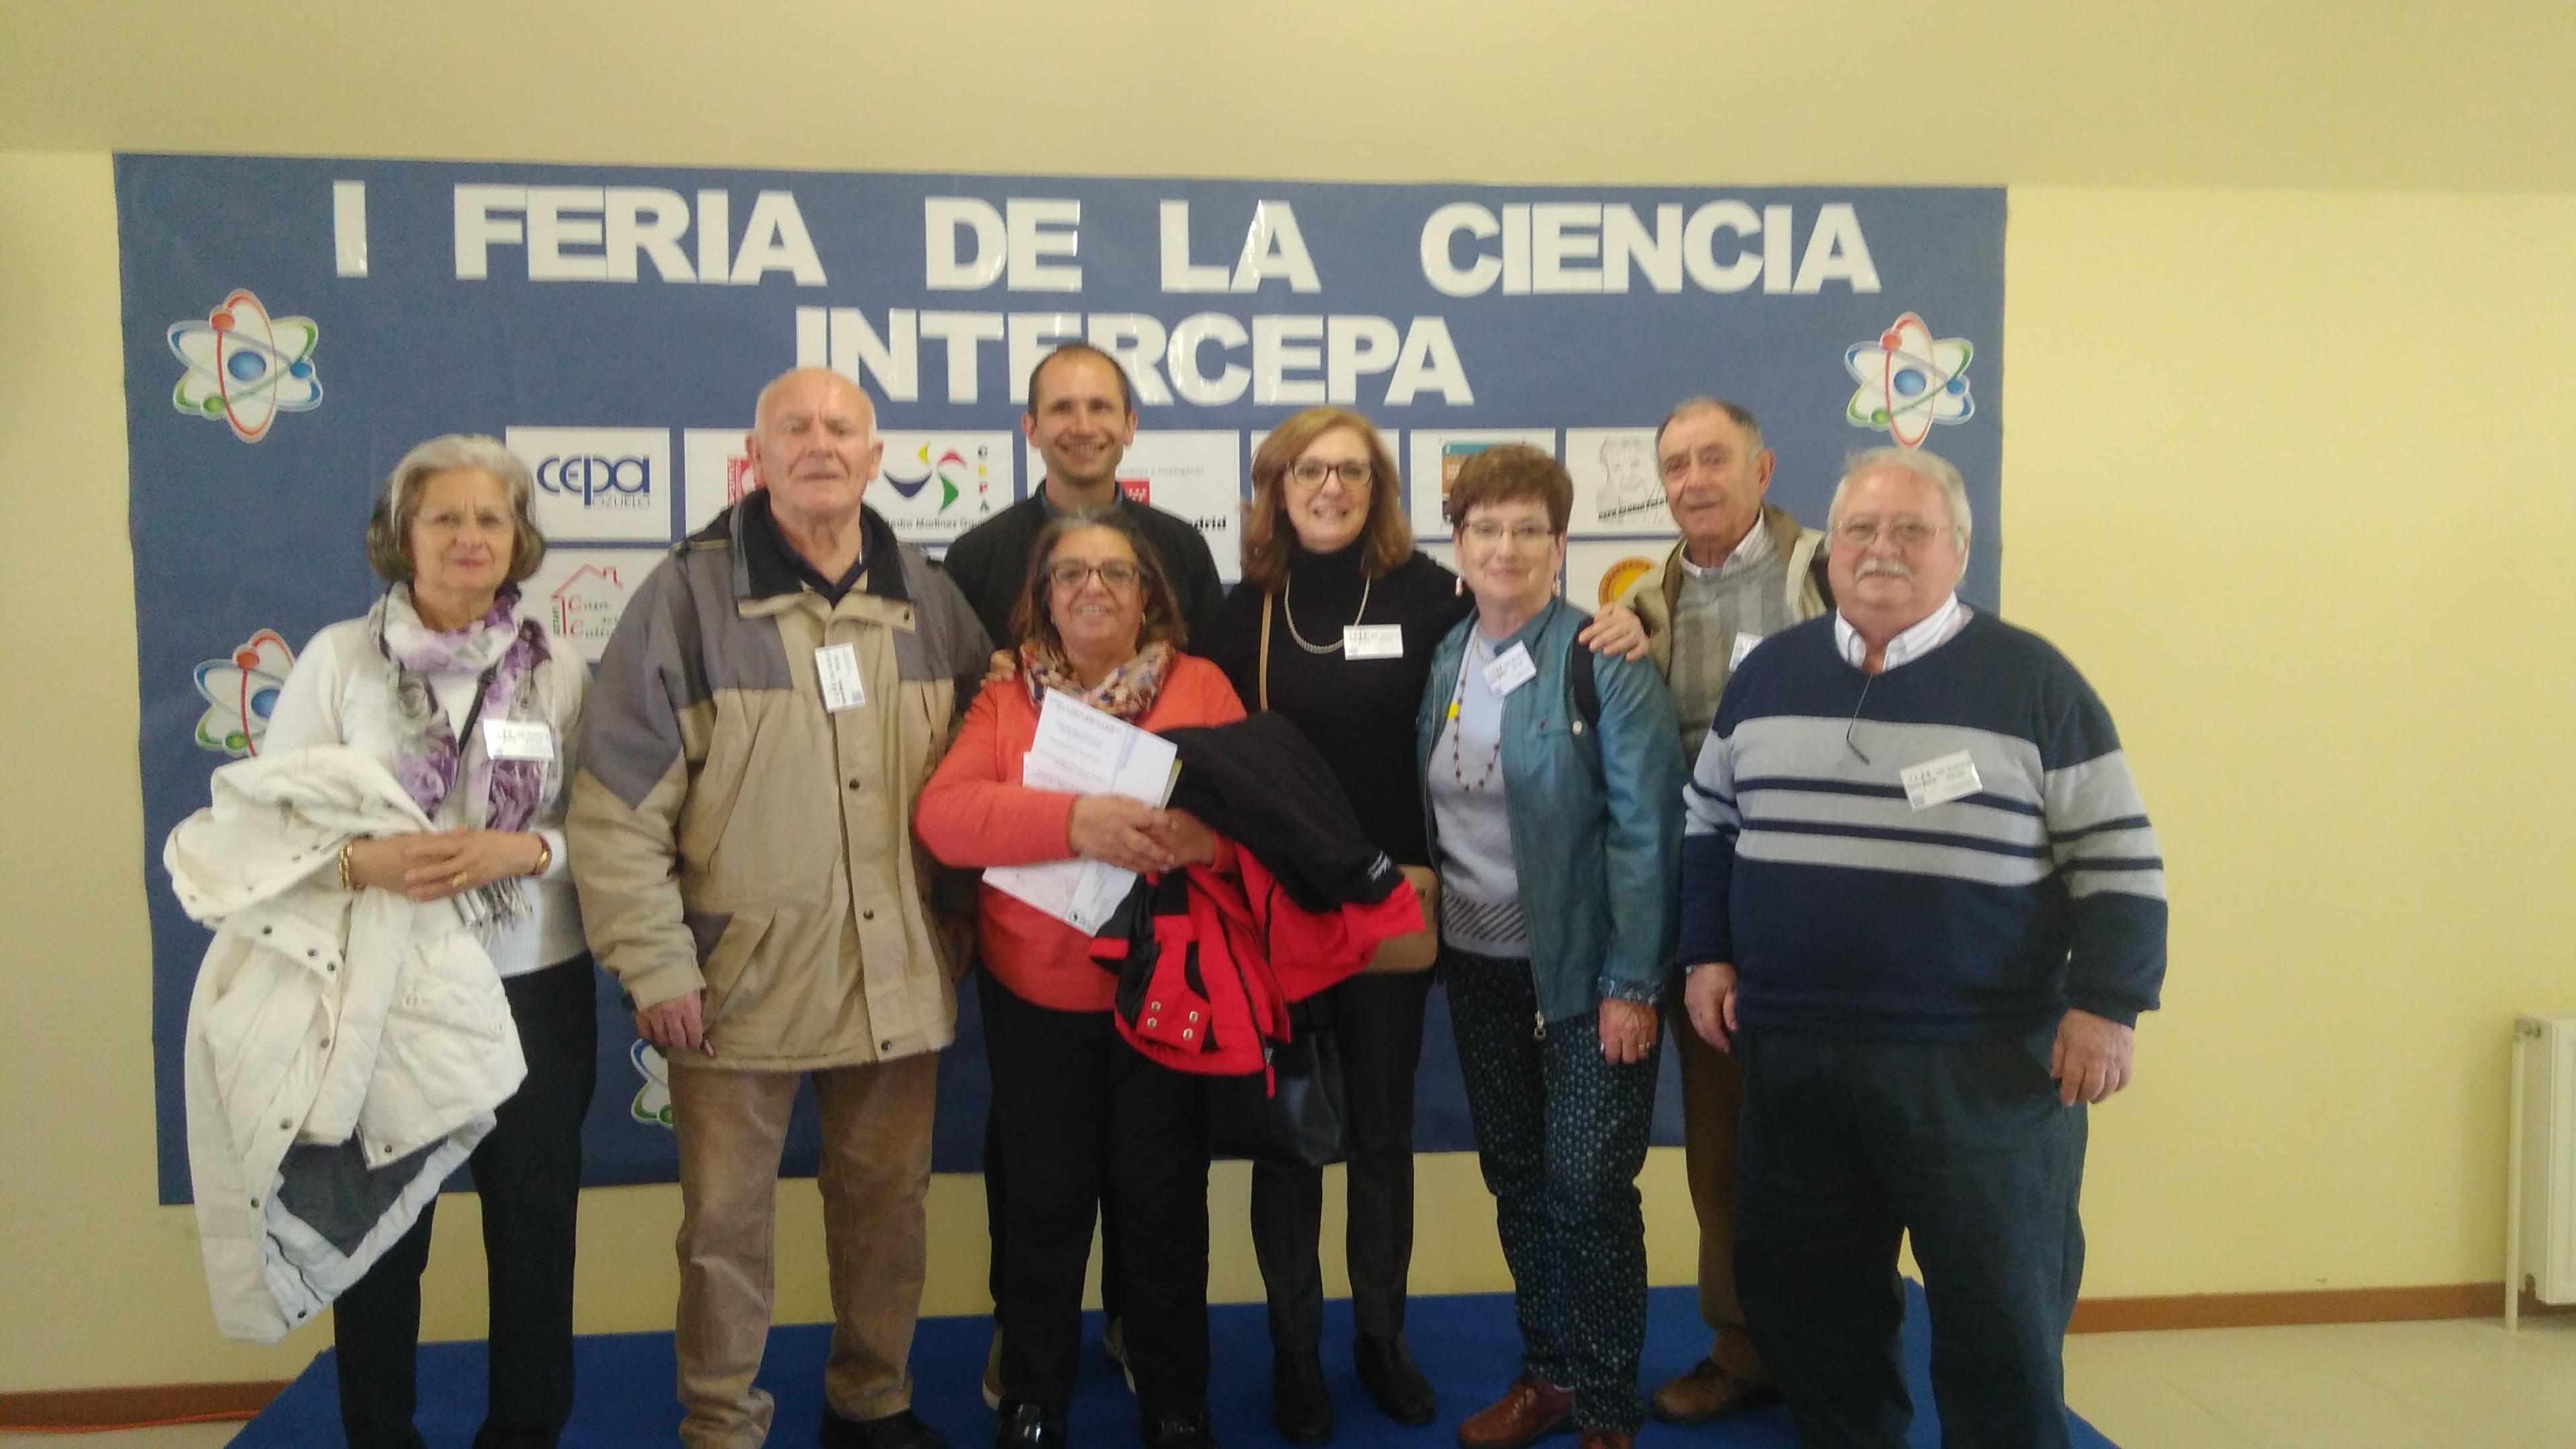 Feria de la Ciencia InterCEPA 2018 13